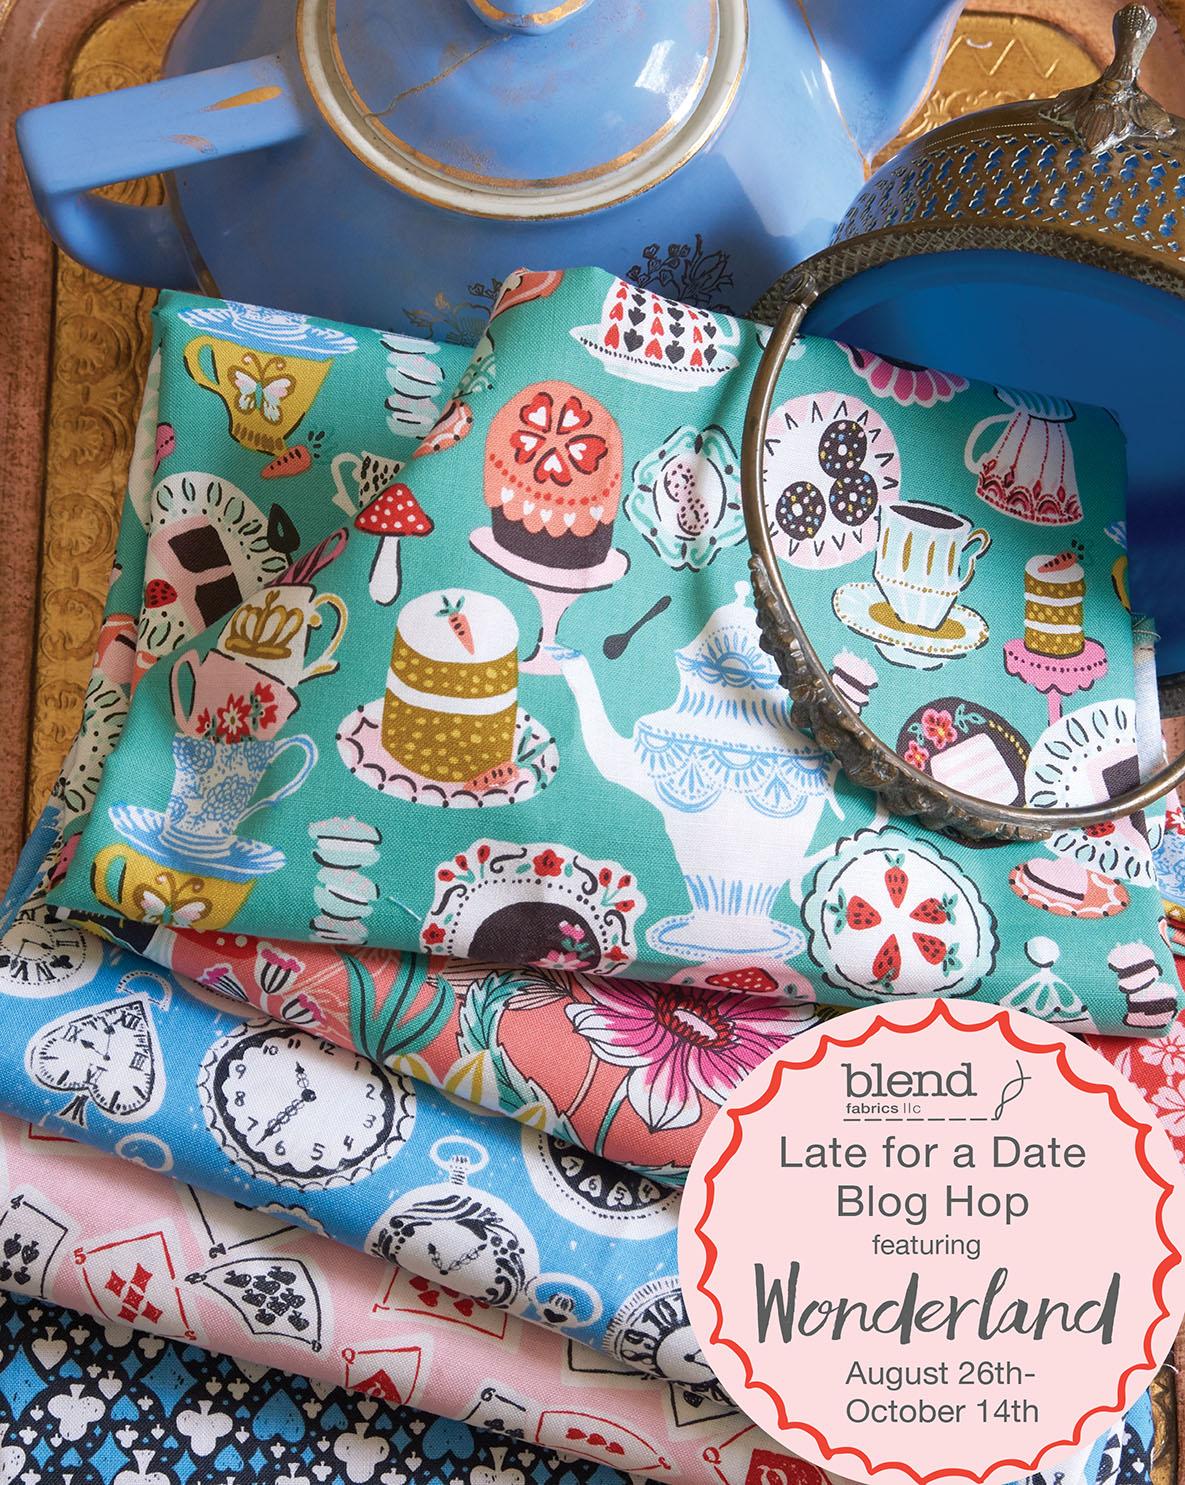 WonderlandBeauty